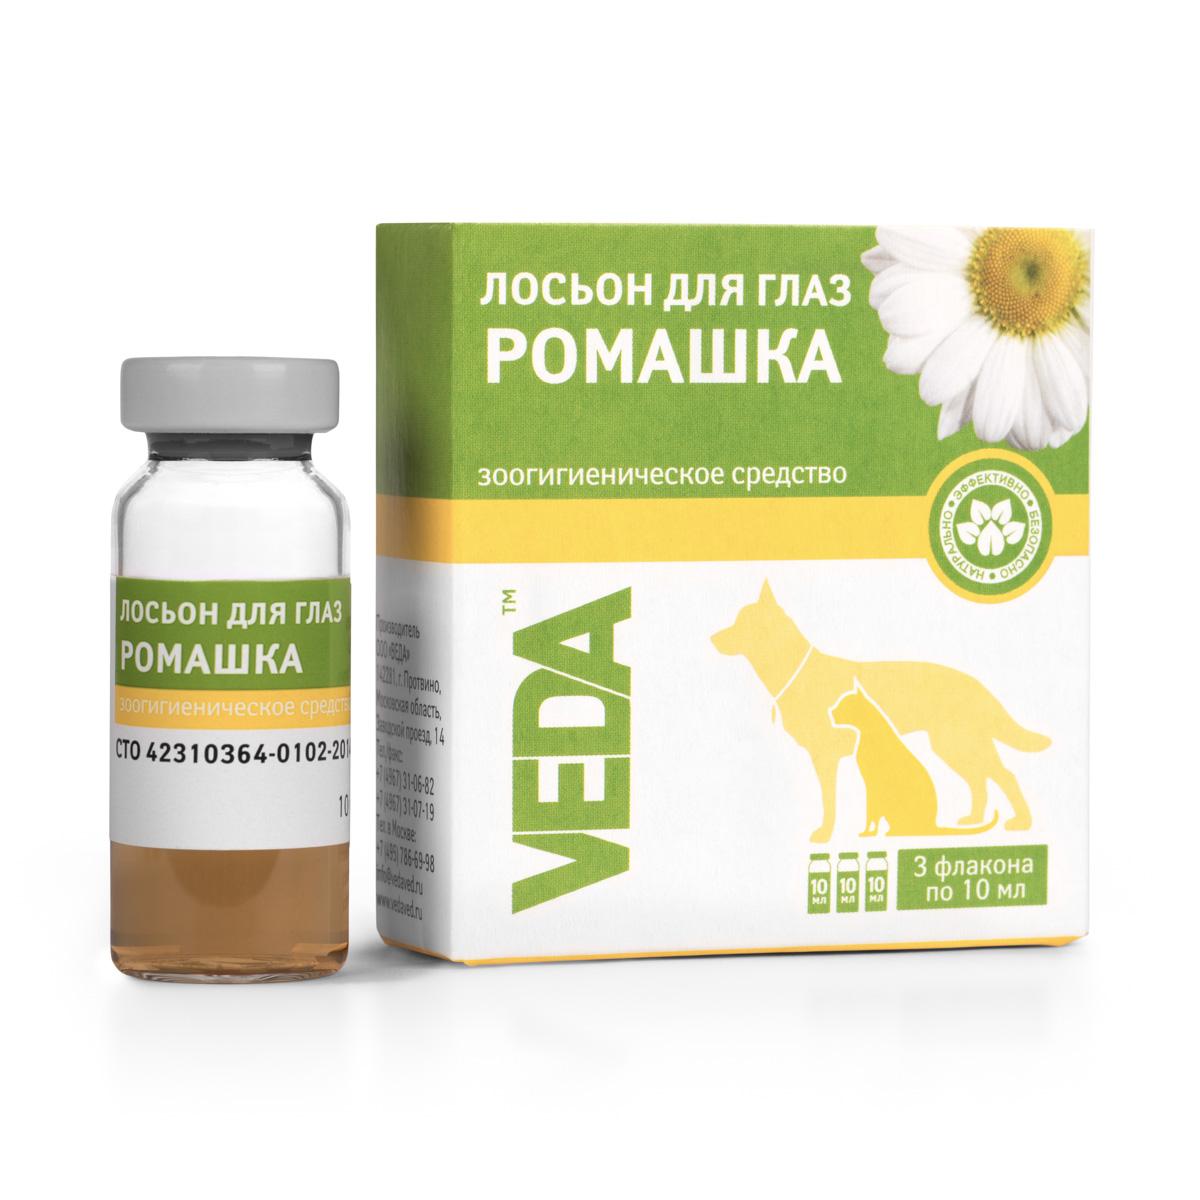 Лосьон для глаз VEDA Фитогигиена. Ромашка, для кошек и собак, 3 шт х 10 мл0120710Лосьон VEDA Фитогигиена. Ромашка применяют для гигиенической обработки глаз собак, кошек и других мелких домашних животных при наличии гнойных выделений, связанных с травмами, повреждениями конъюнктивы. Лосьон является отваром цветков ромашки, обладающей противовоспалительными, успокаивающими и бактерицидными свойствами. Оказывает отбеливающее действие на светлую и белую шерсть, не меняет цвет темной шерсти.Состав: вода очищенная; извлечение из растительного сырья, соответствующее названию лосьона: цветков ромашки.Товар сертифицирован.